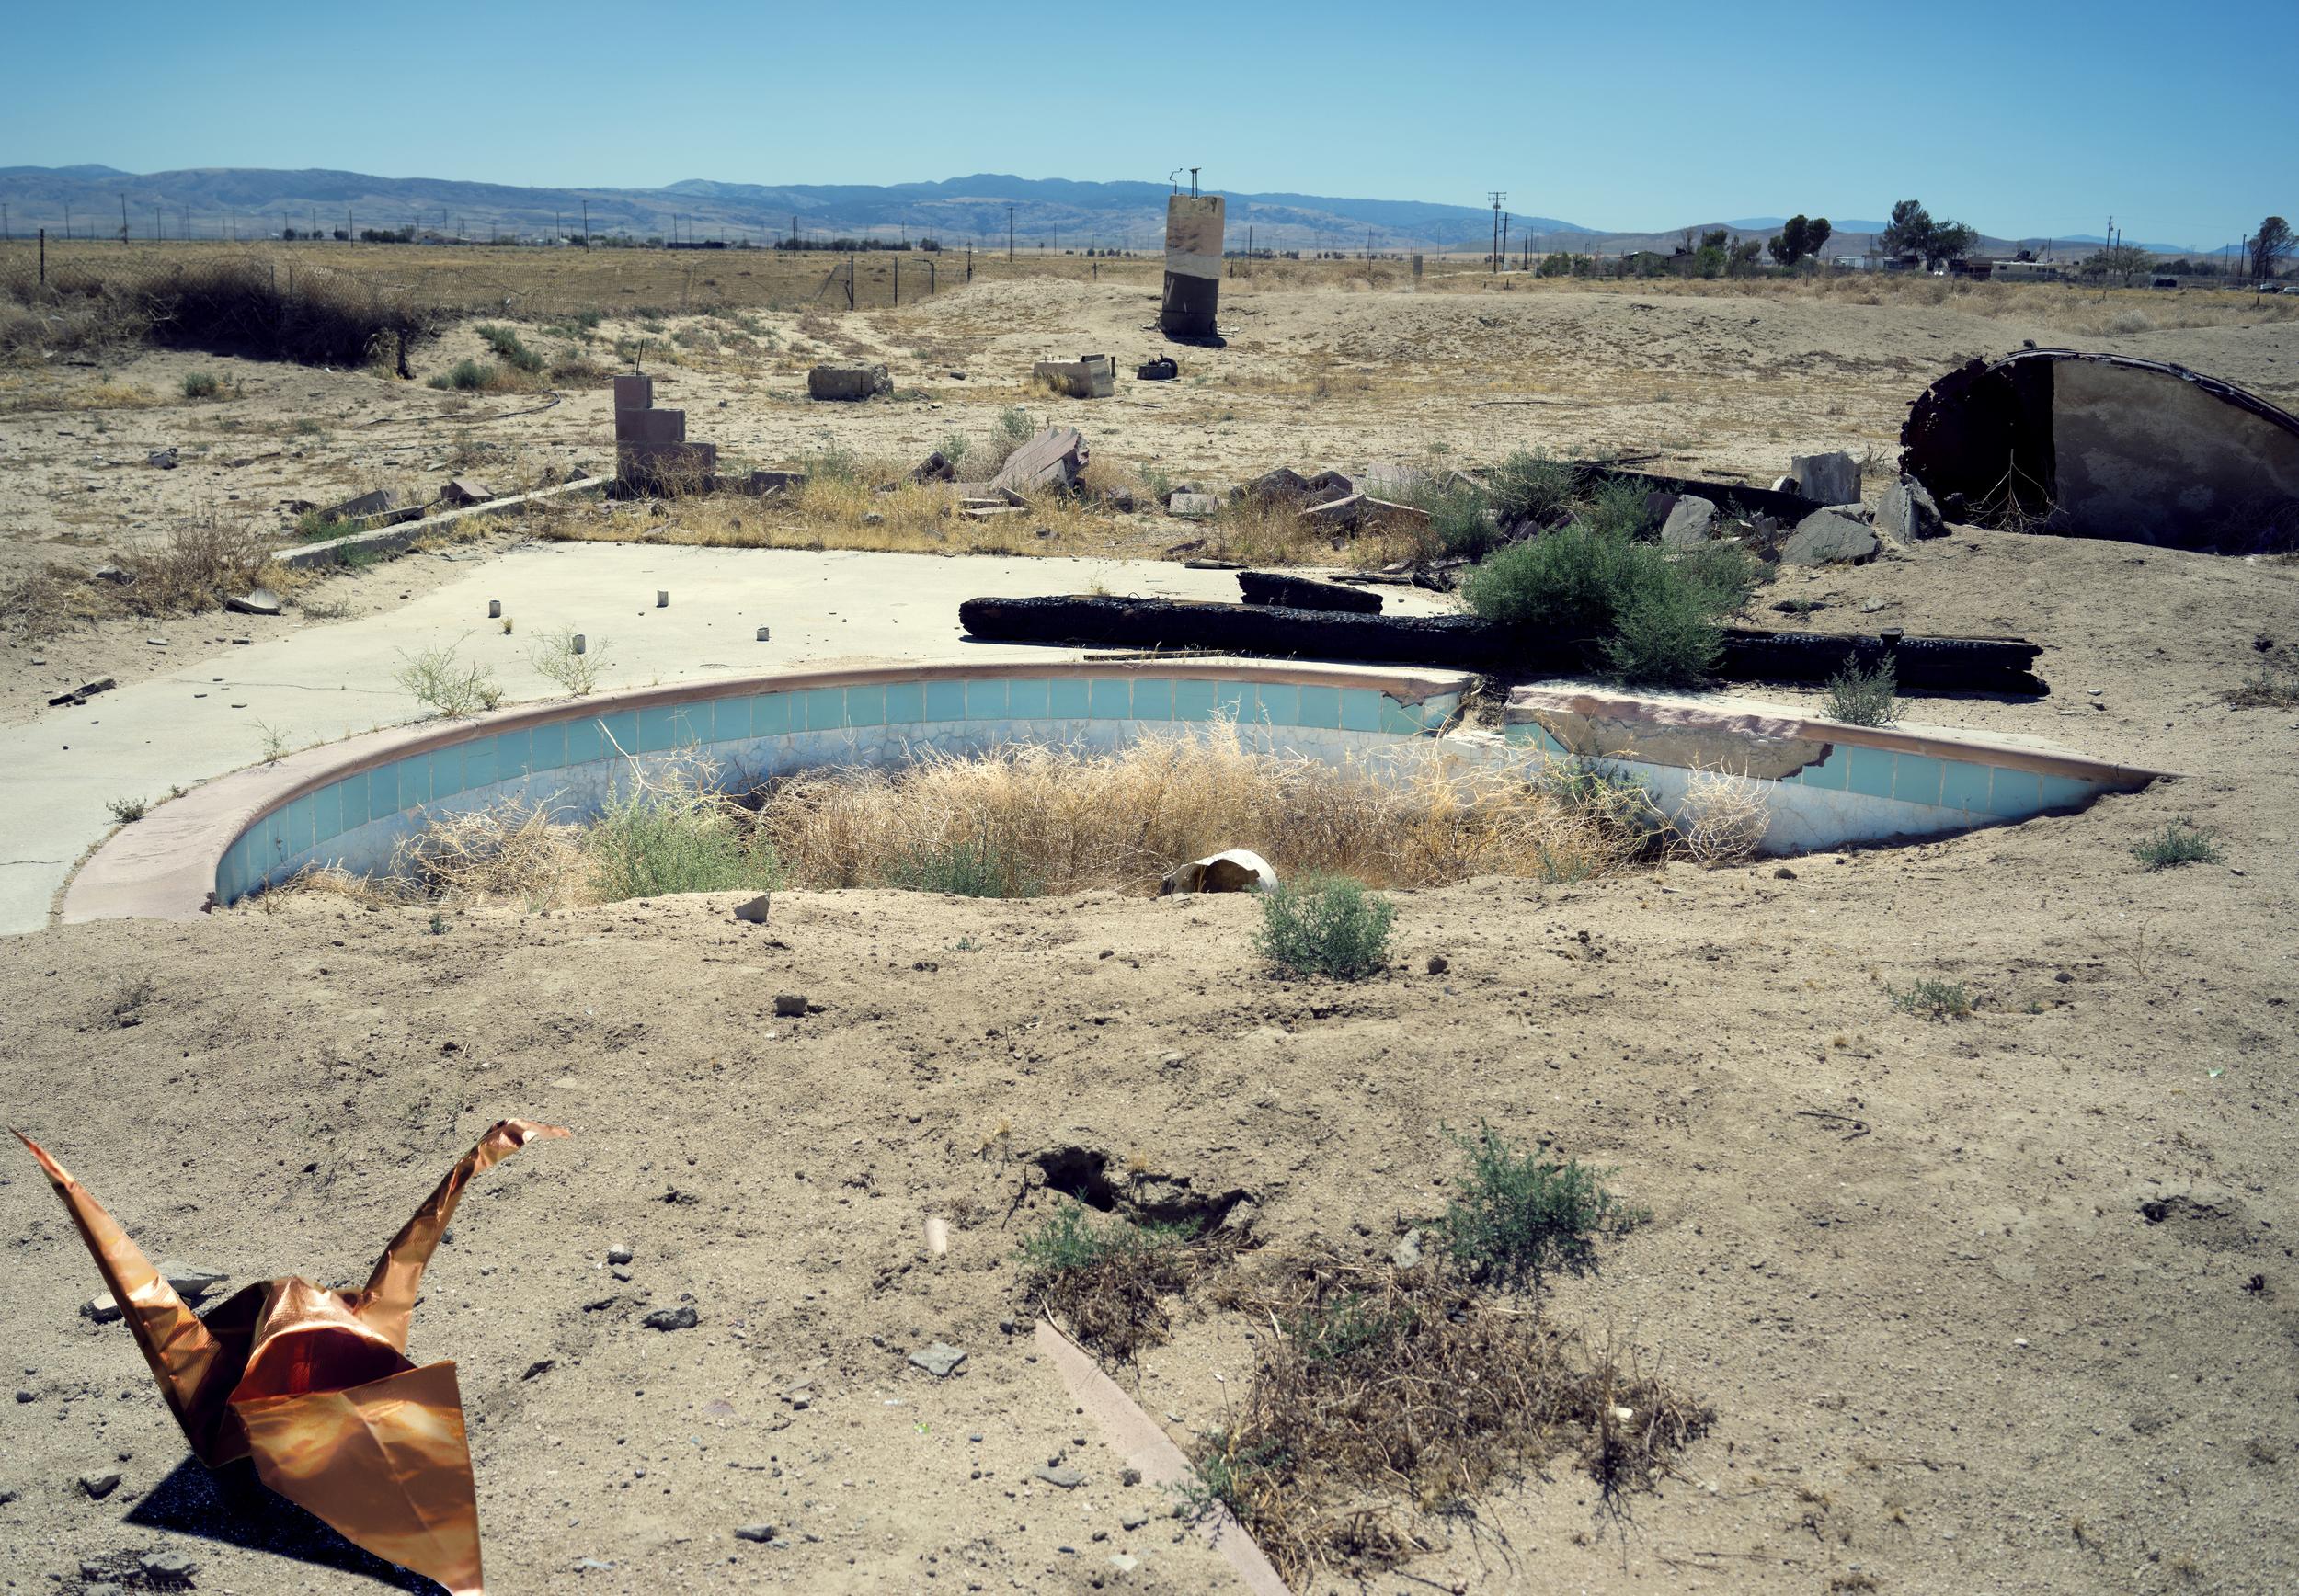 Deserted Pool Scene (2014)